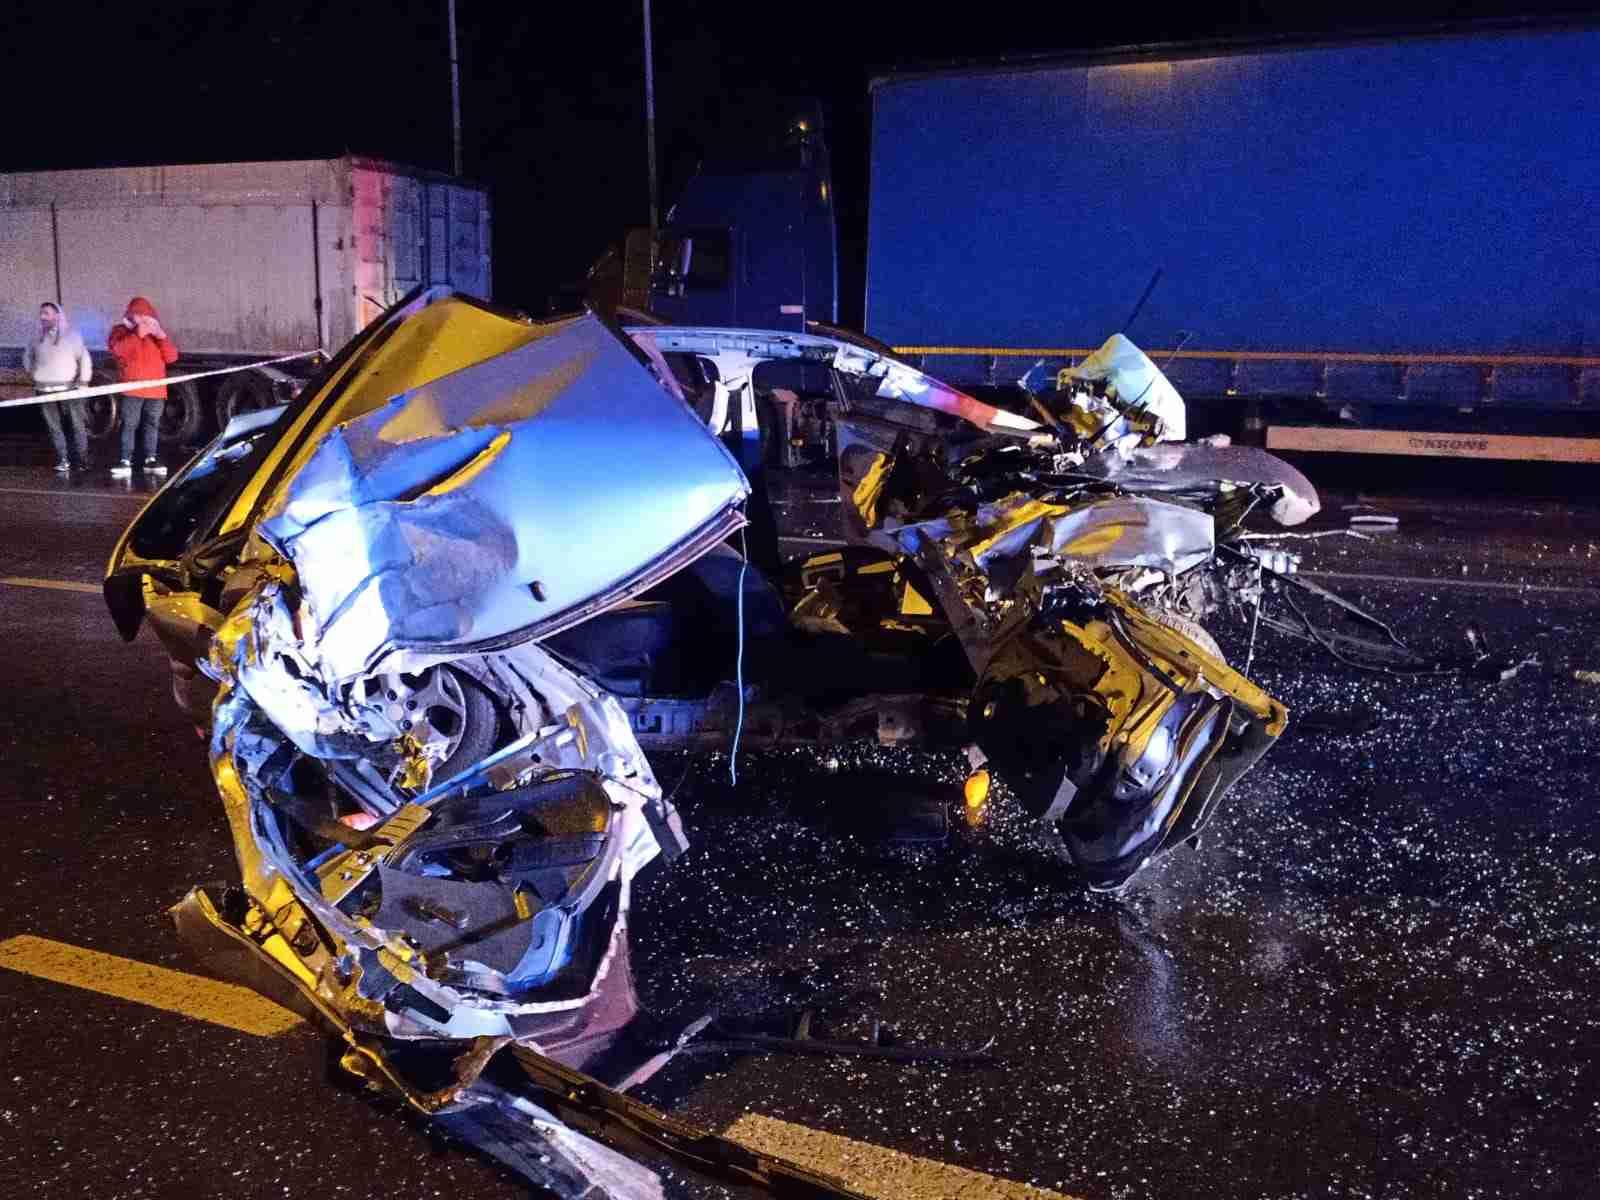 Șosele ÎNSÂNGERATE înainte de Crăciun. 44 de accidente,19 morţi și 33 de persoane grav rănite, în doar două zile